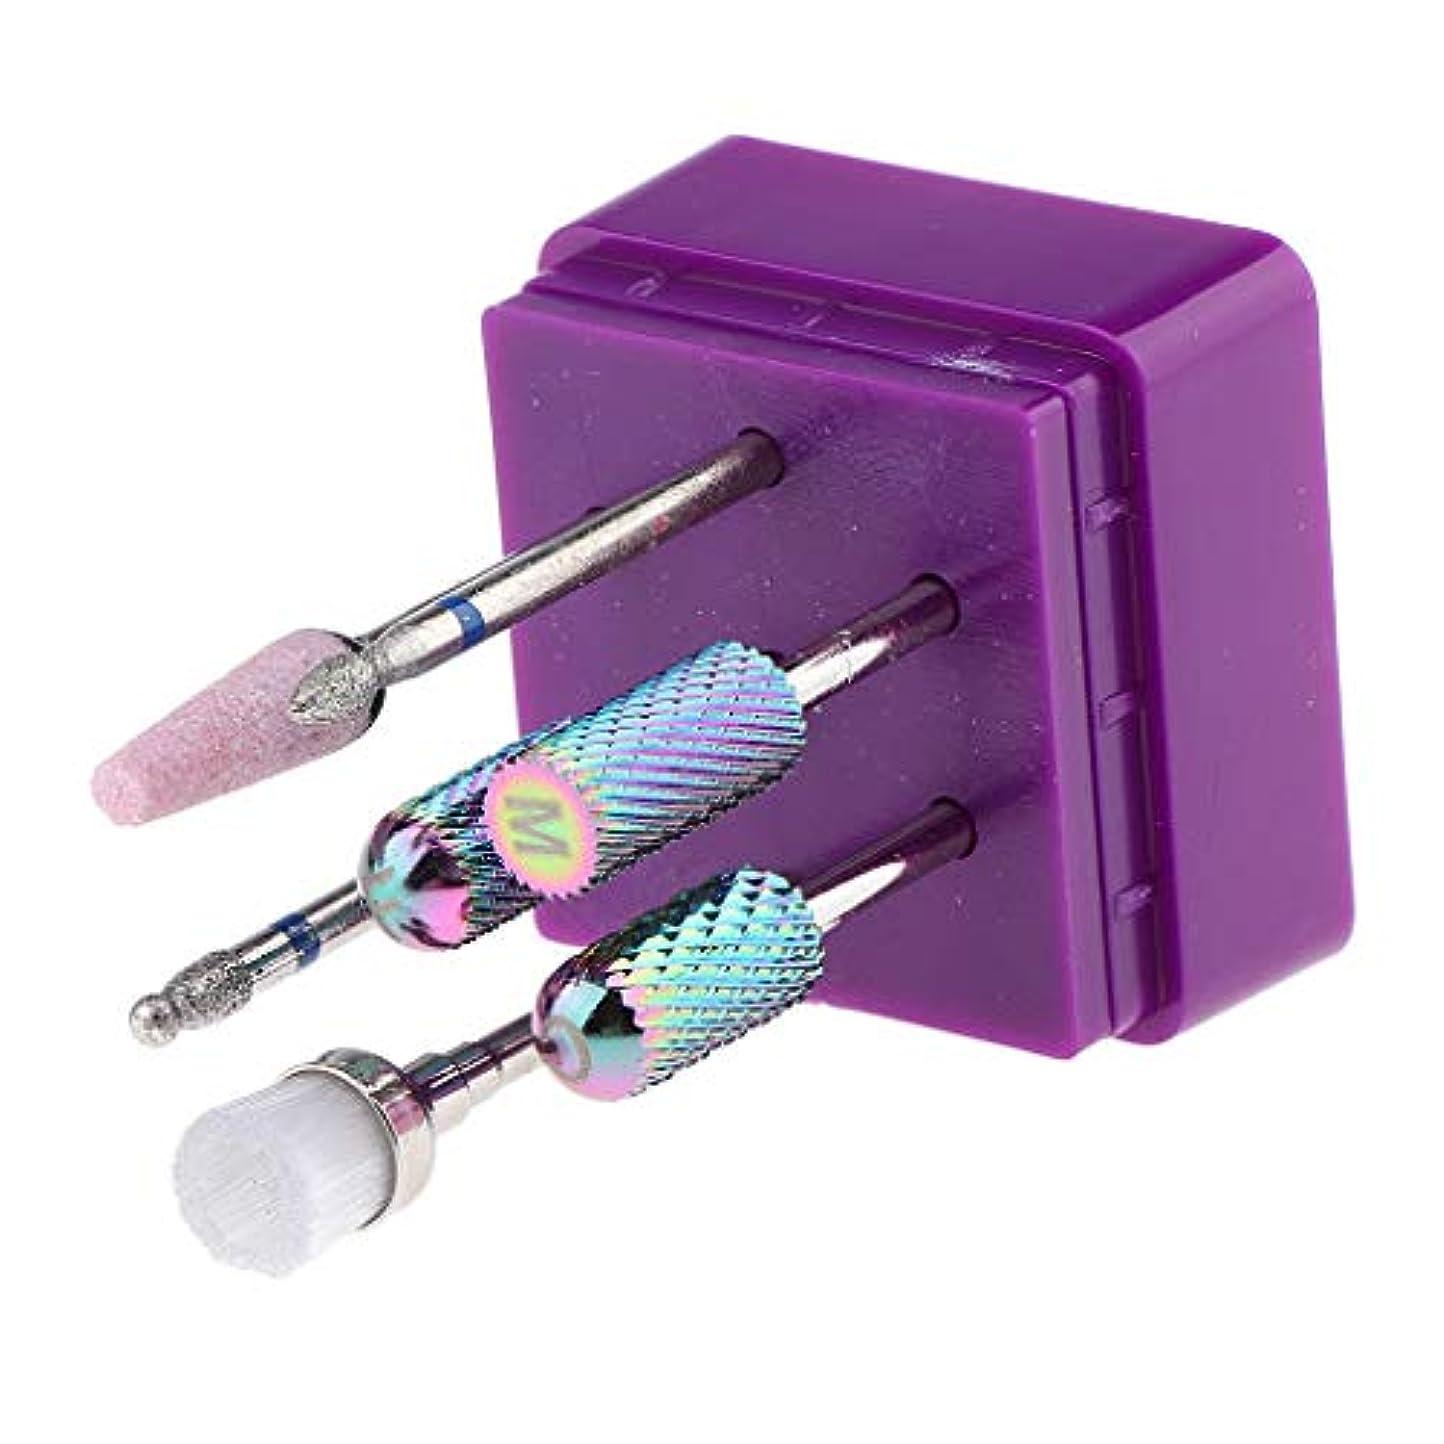 驚くばかり除外する子供時代B Baosity 電気ネイルマシン 研削ヘッド 研磨 ドリルビット ネイルアート ネイルサロン